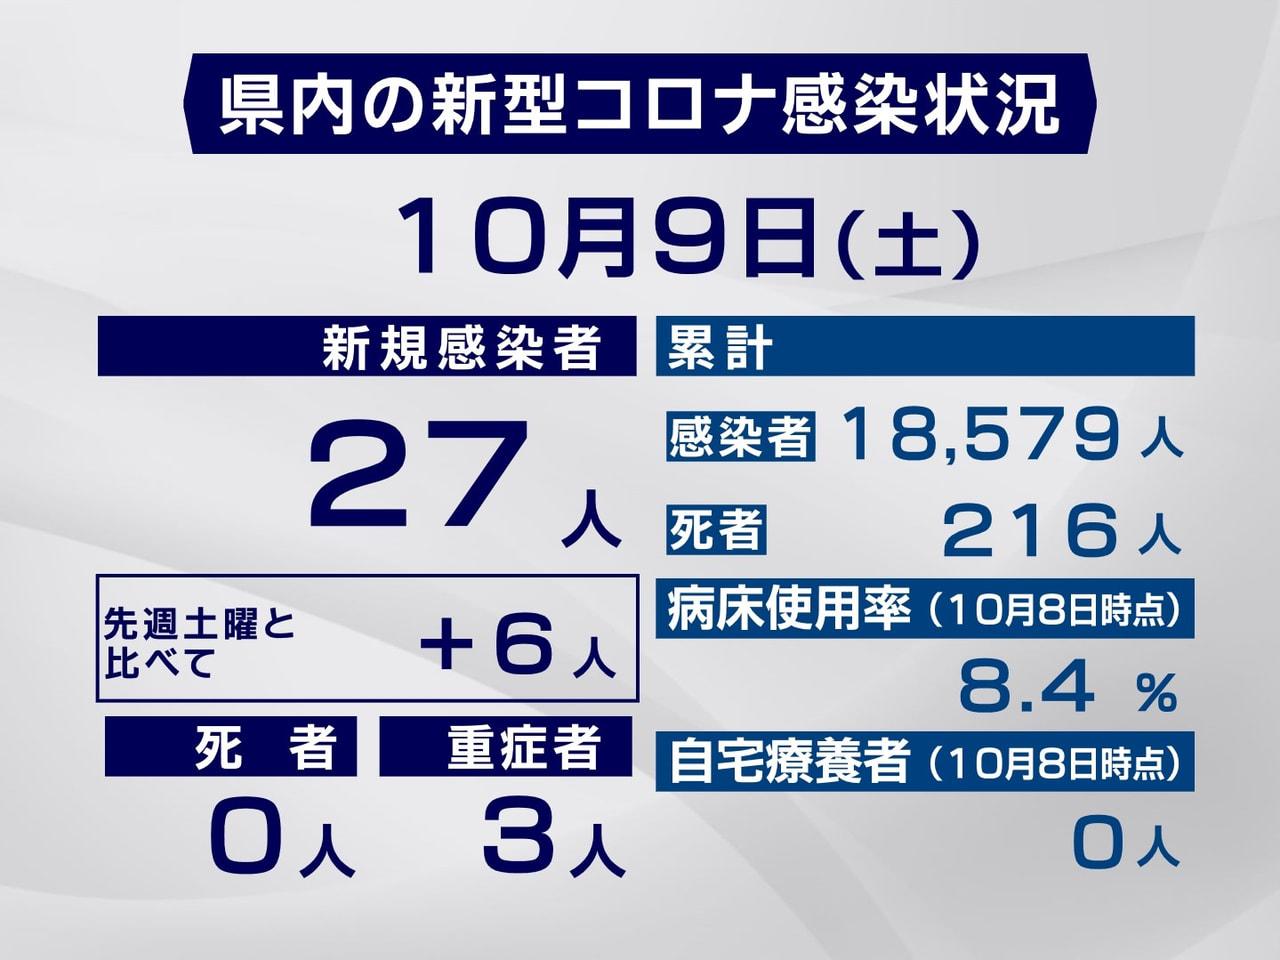 岐阜県と岐阜市は9日、新型コロナウイルスの感染者が新たに27人確認されたと発表し...